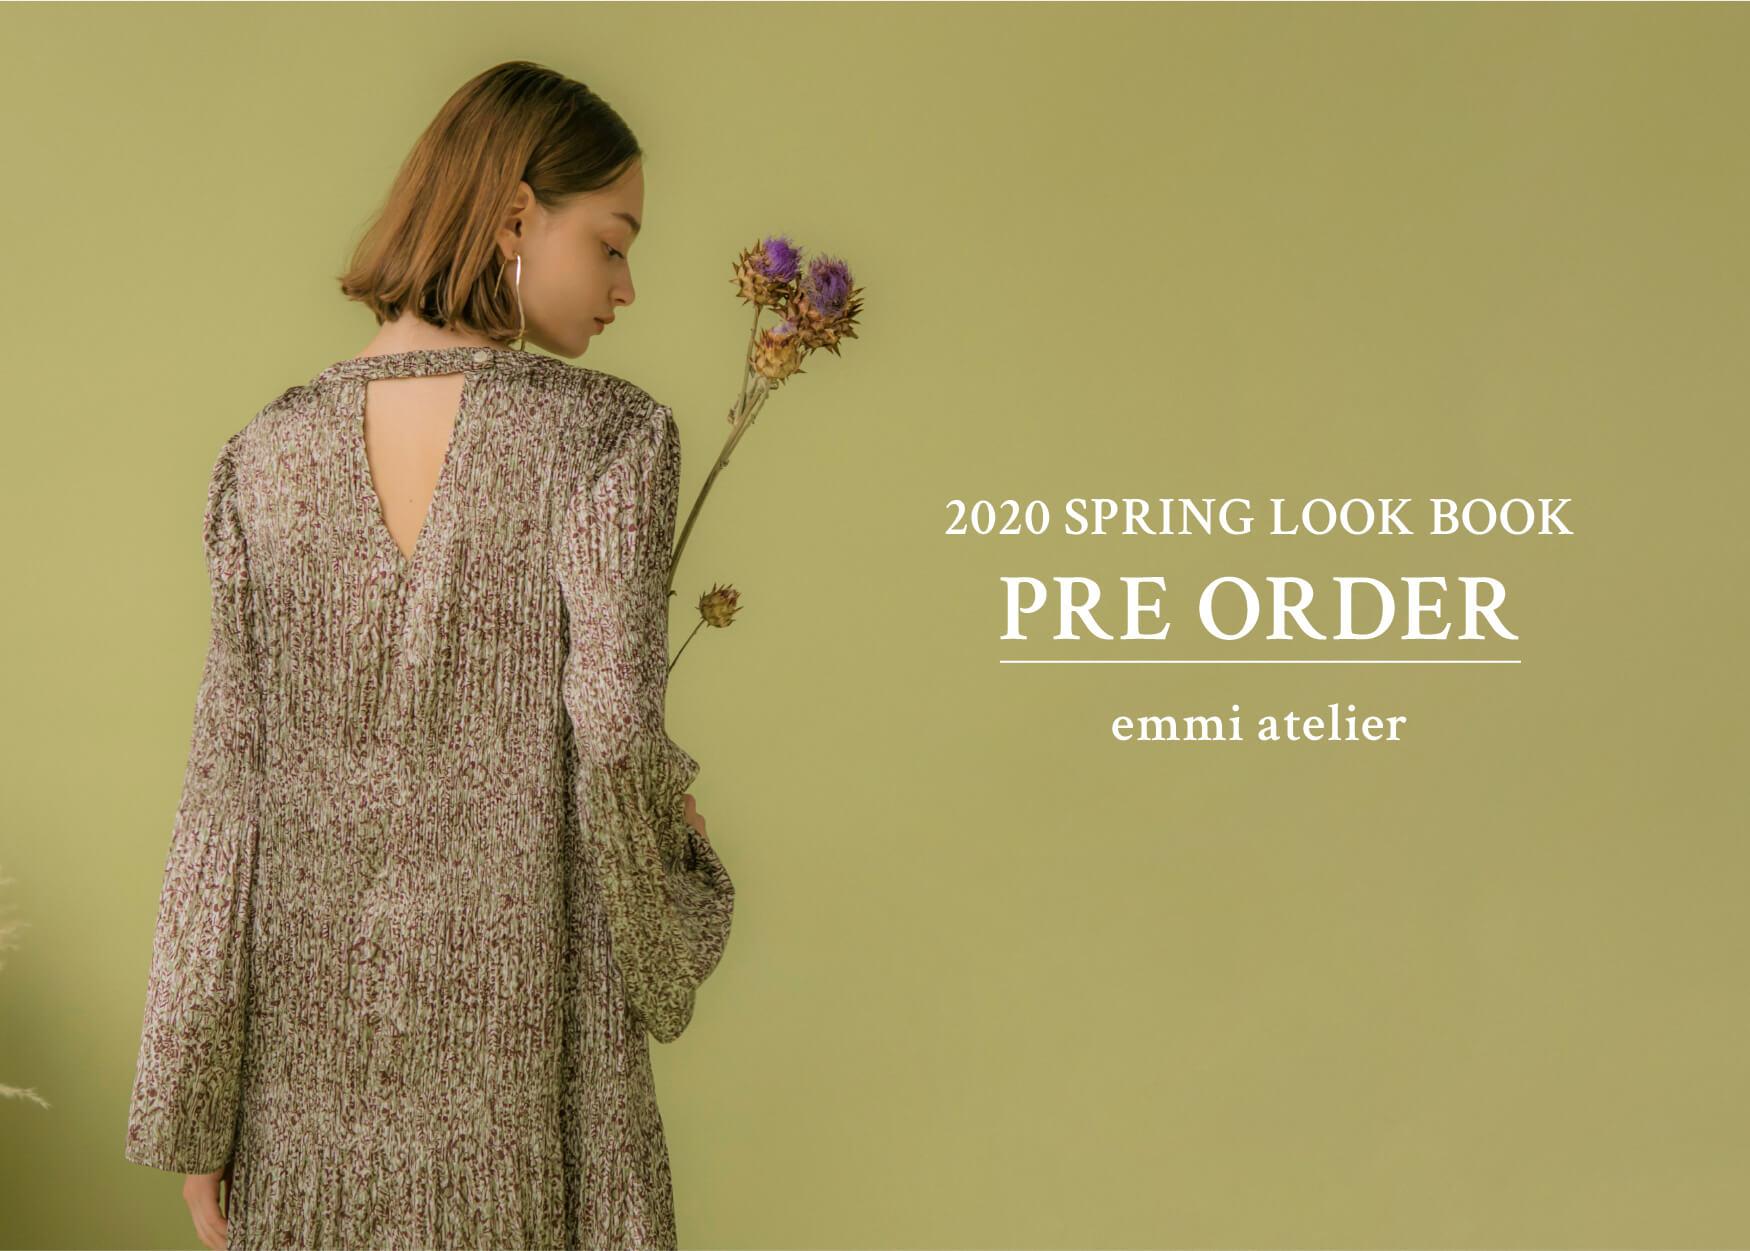 emmi atelier 2020 SPRING LOOK BOOK PRE ORDER